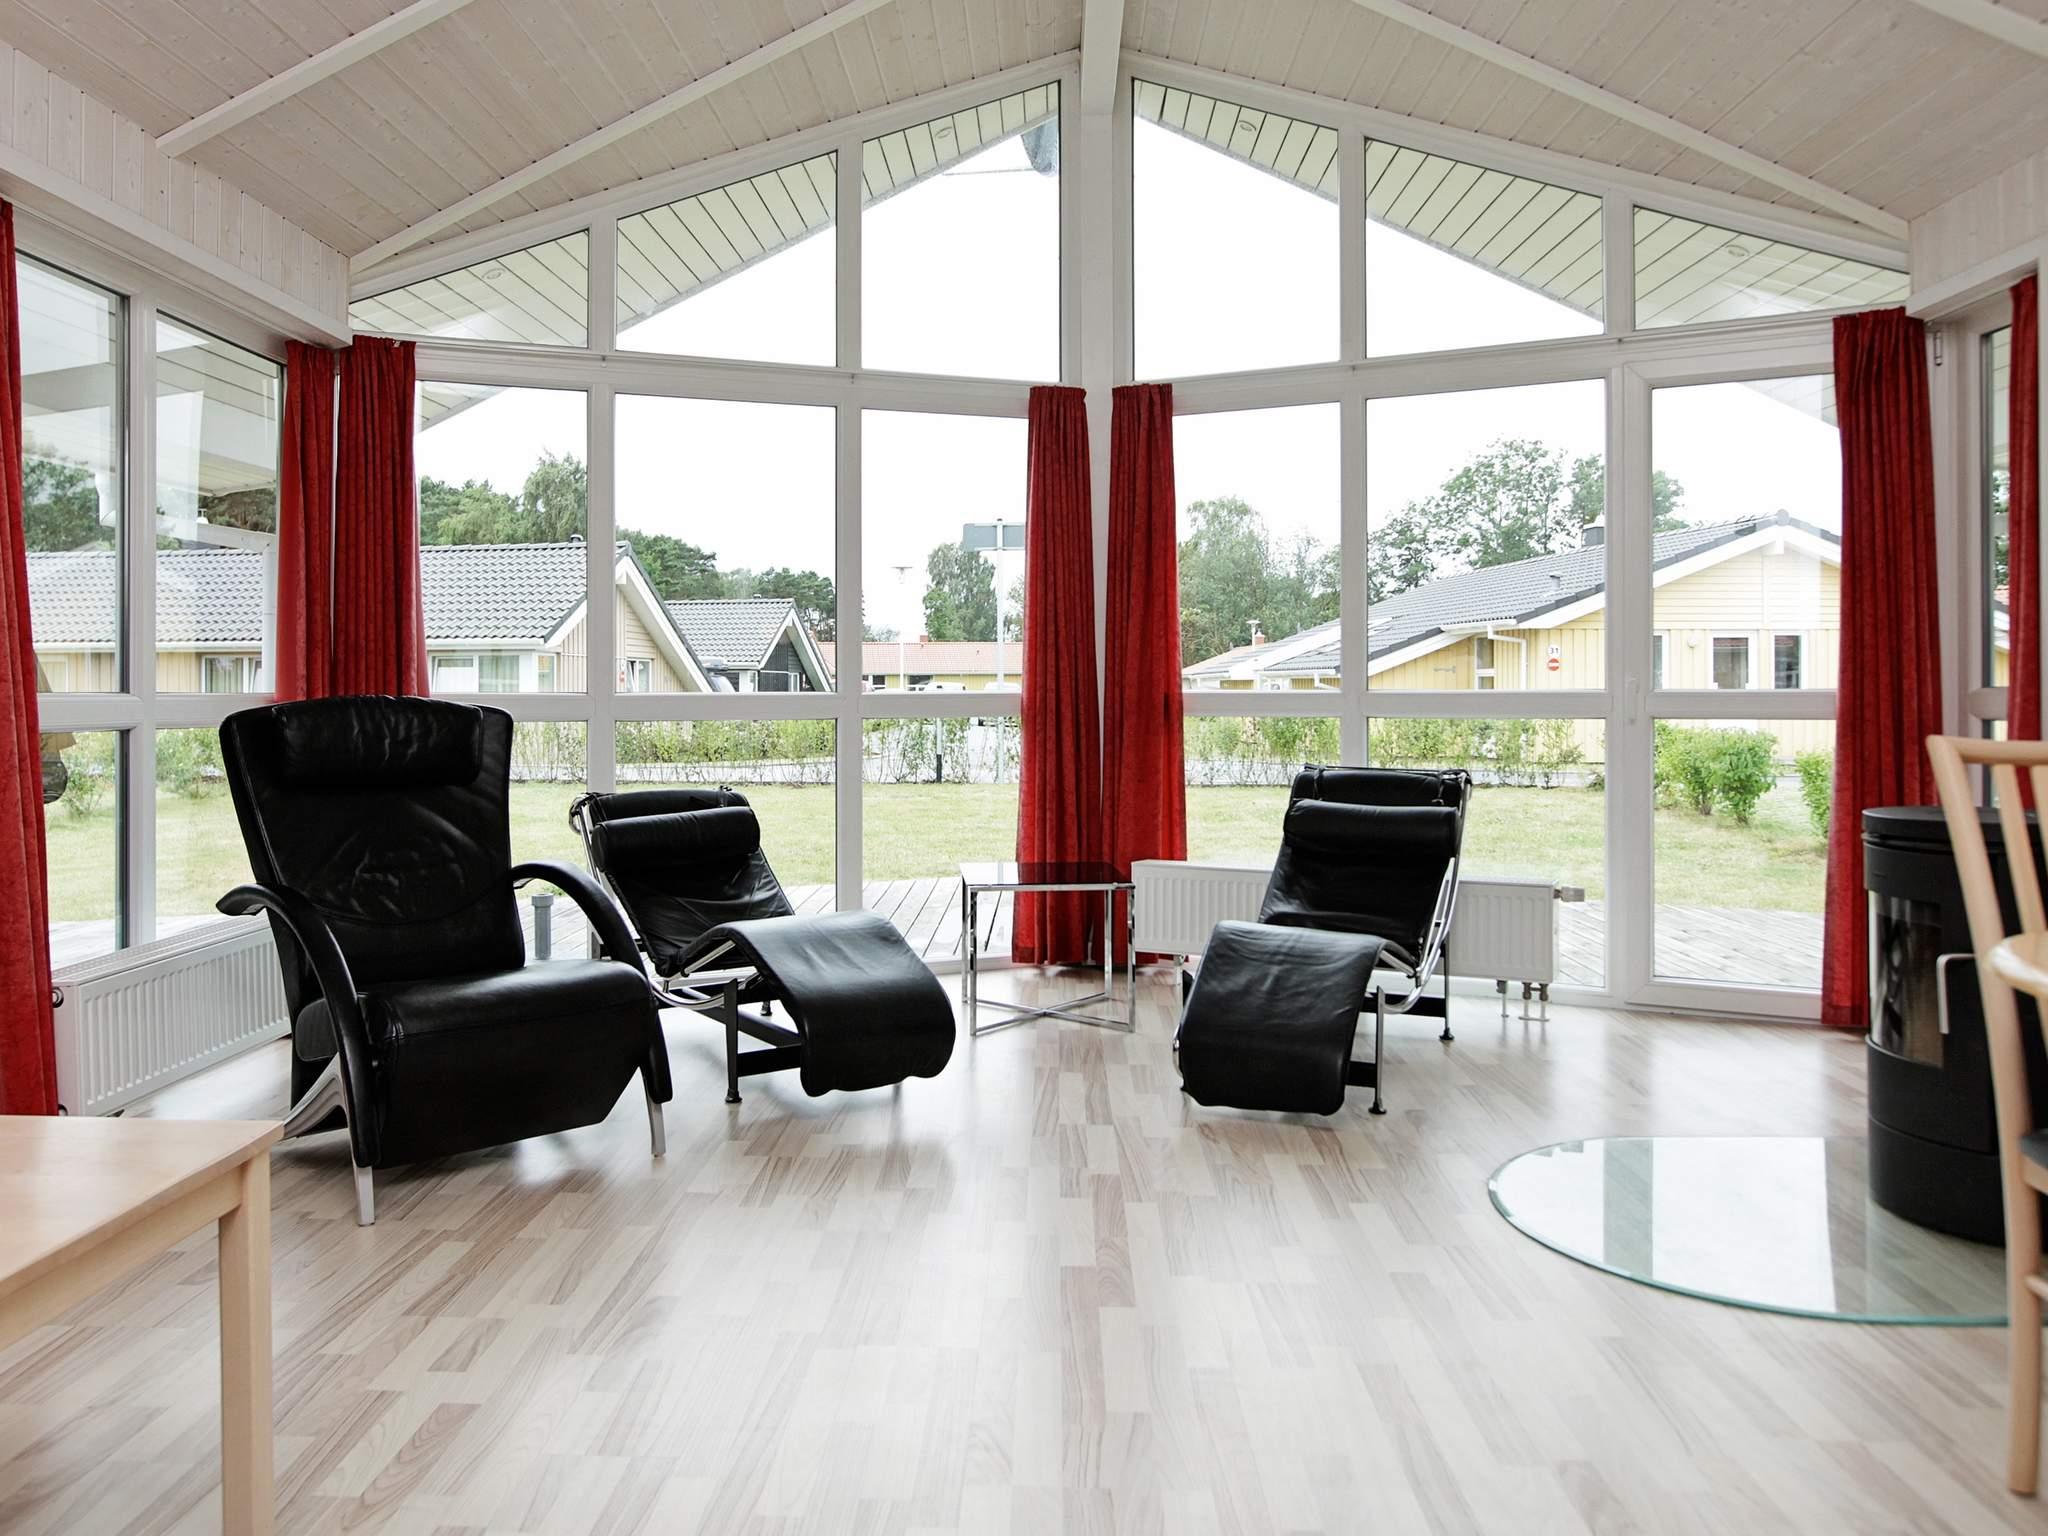 Maison de vacances Grömitz (259537), Grömitz, Baie de Lübeck, Schleswig-Holstein, Allemagne, image 2